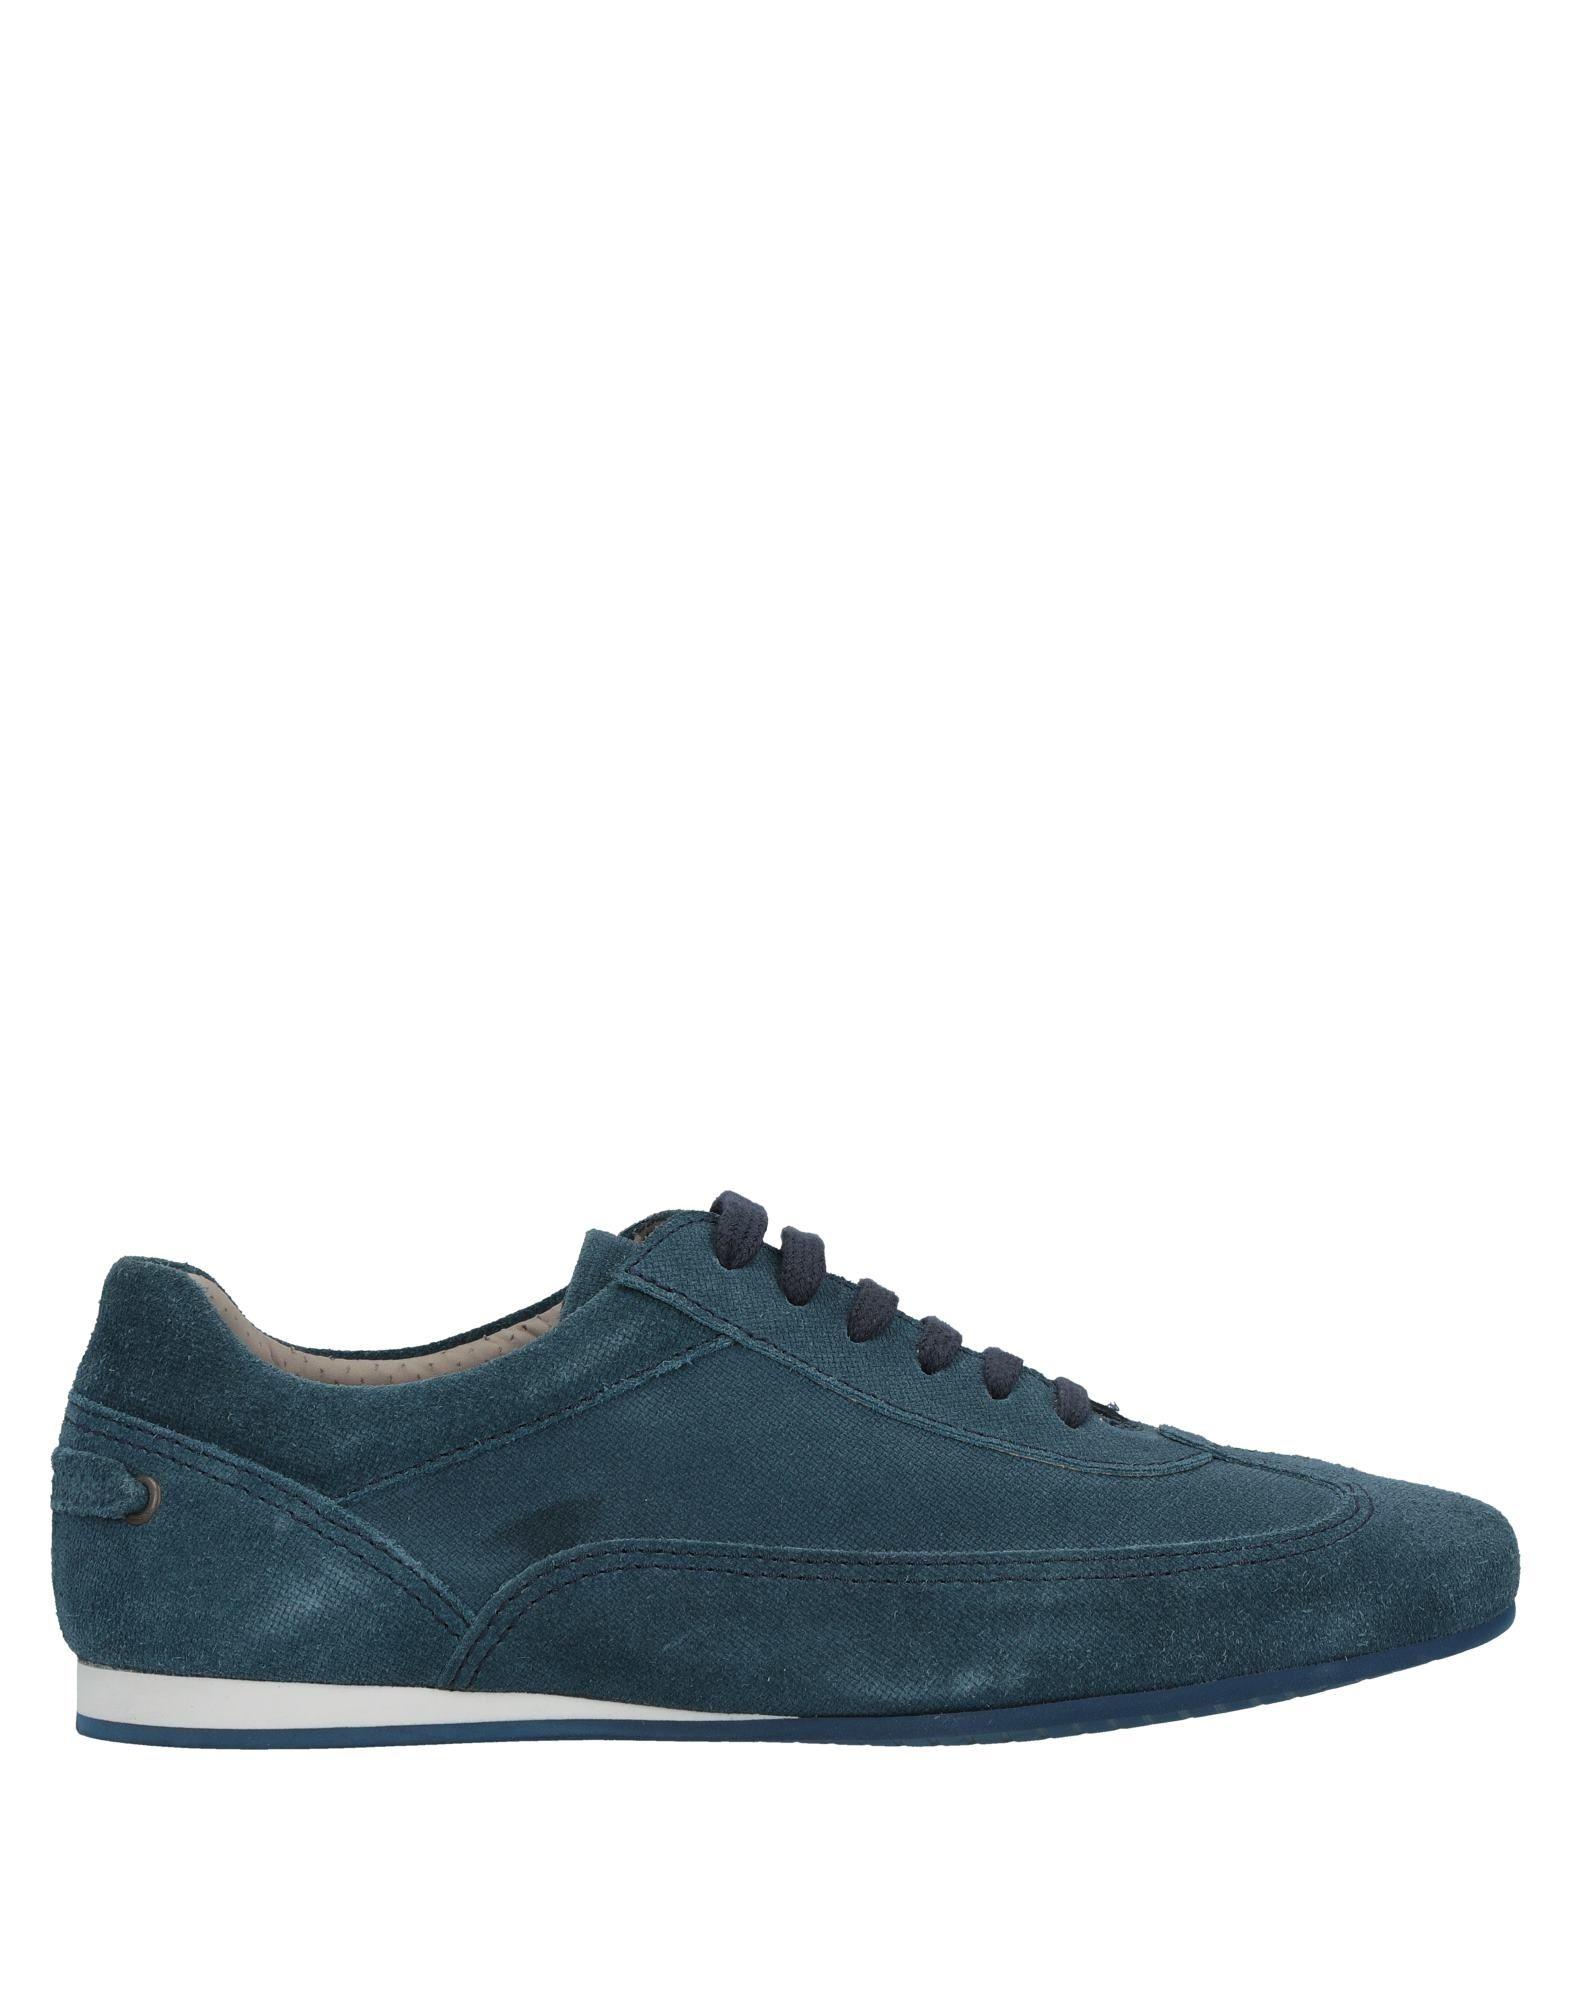 Moda Sneakers Lottusse Uomo - 11521414VP